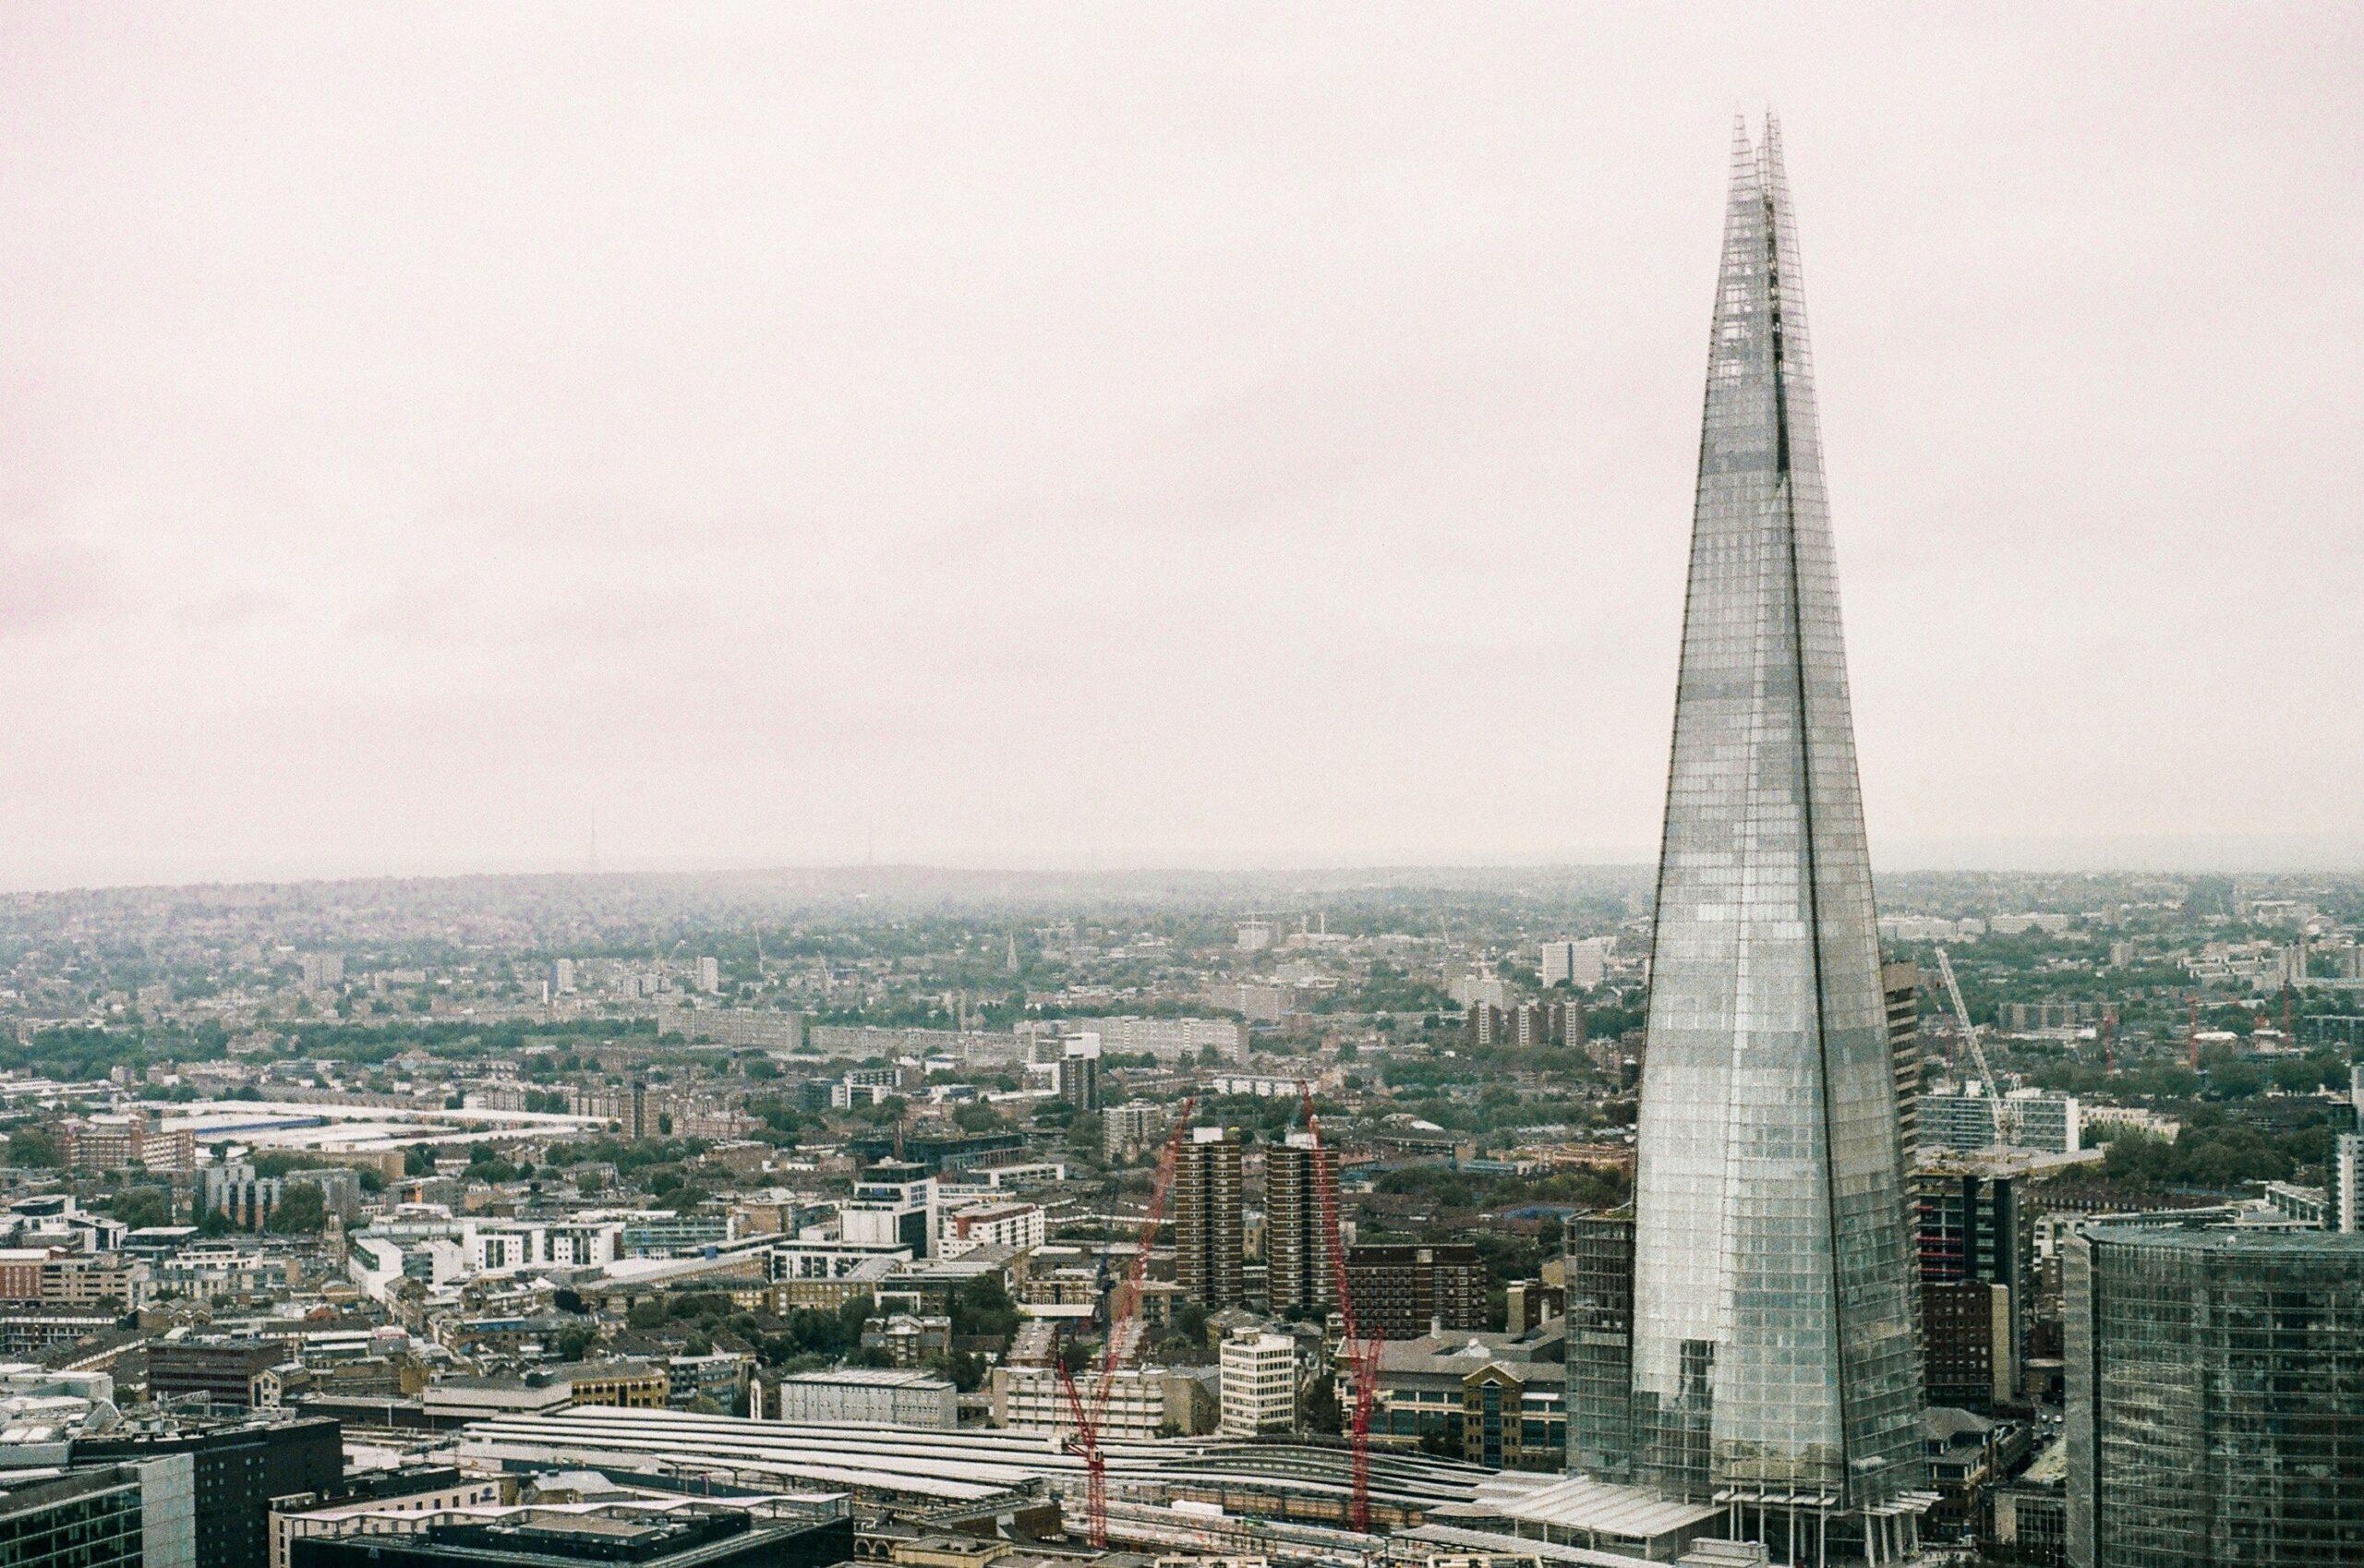 Jakie były początki kształtowania się miast? Co wpłynęło na ich powstanie i dalszy rozwój?